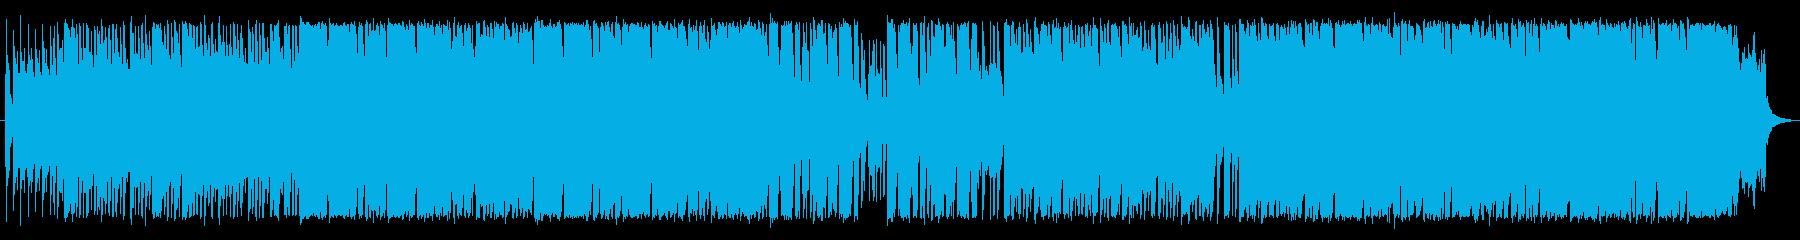 琴を使った和風ロックの再生済みの波形